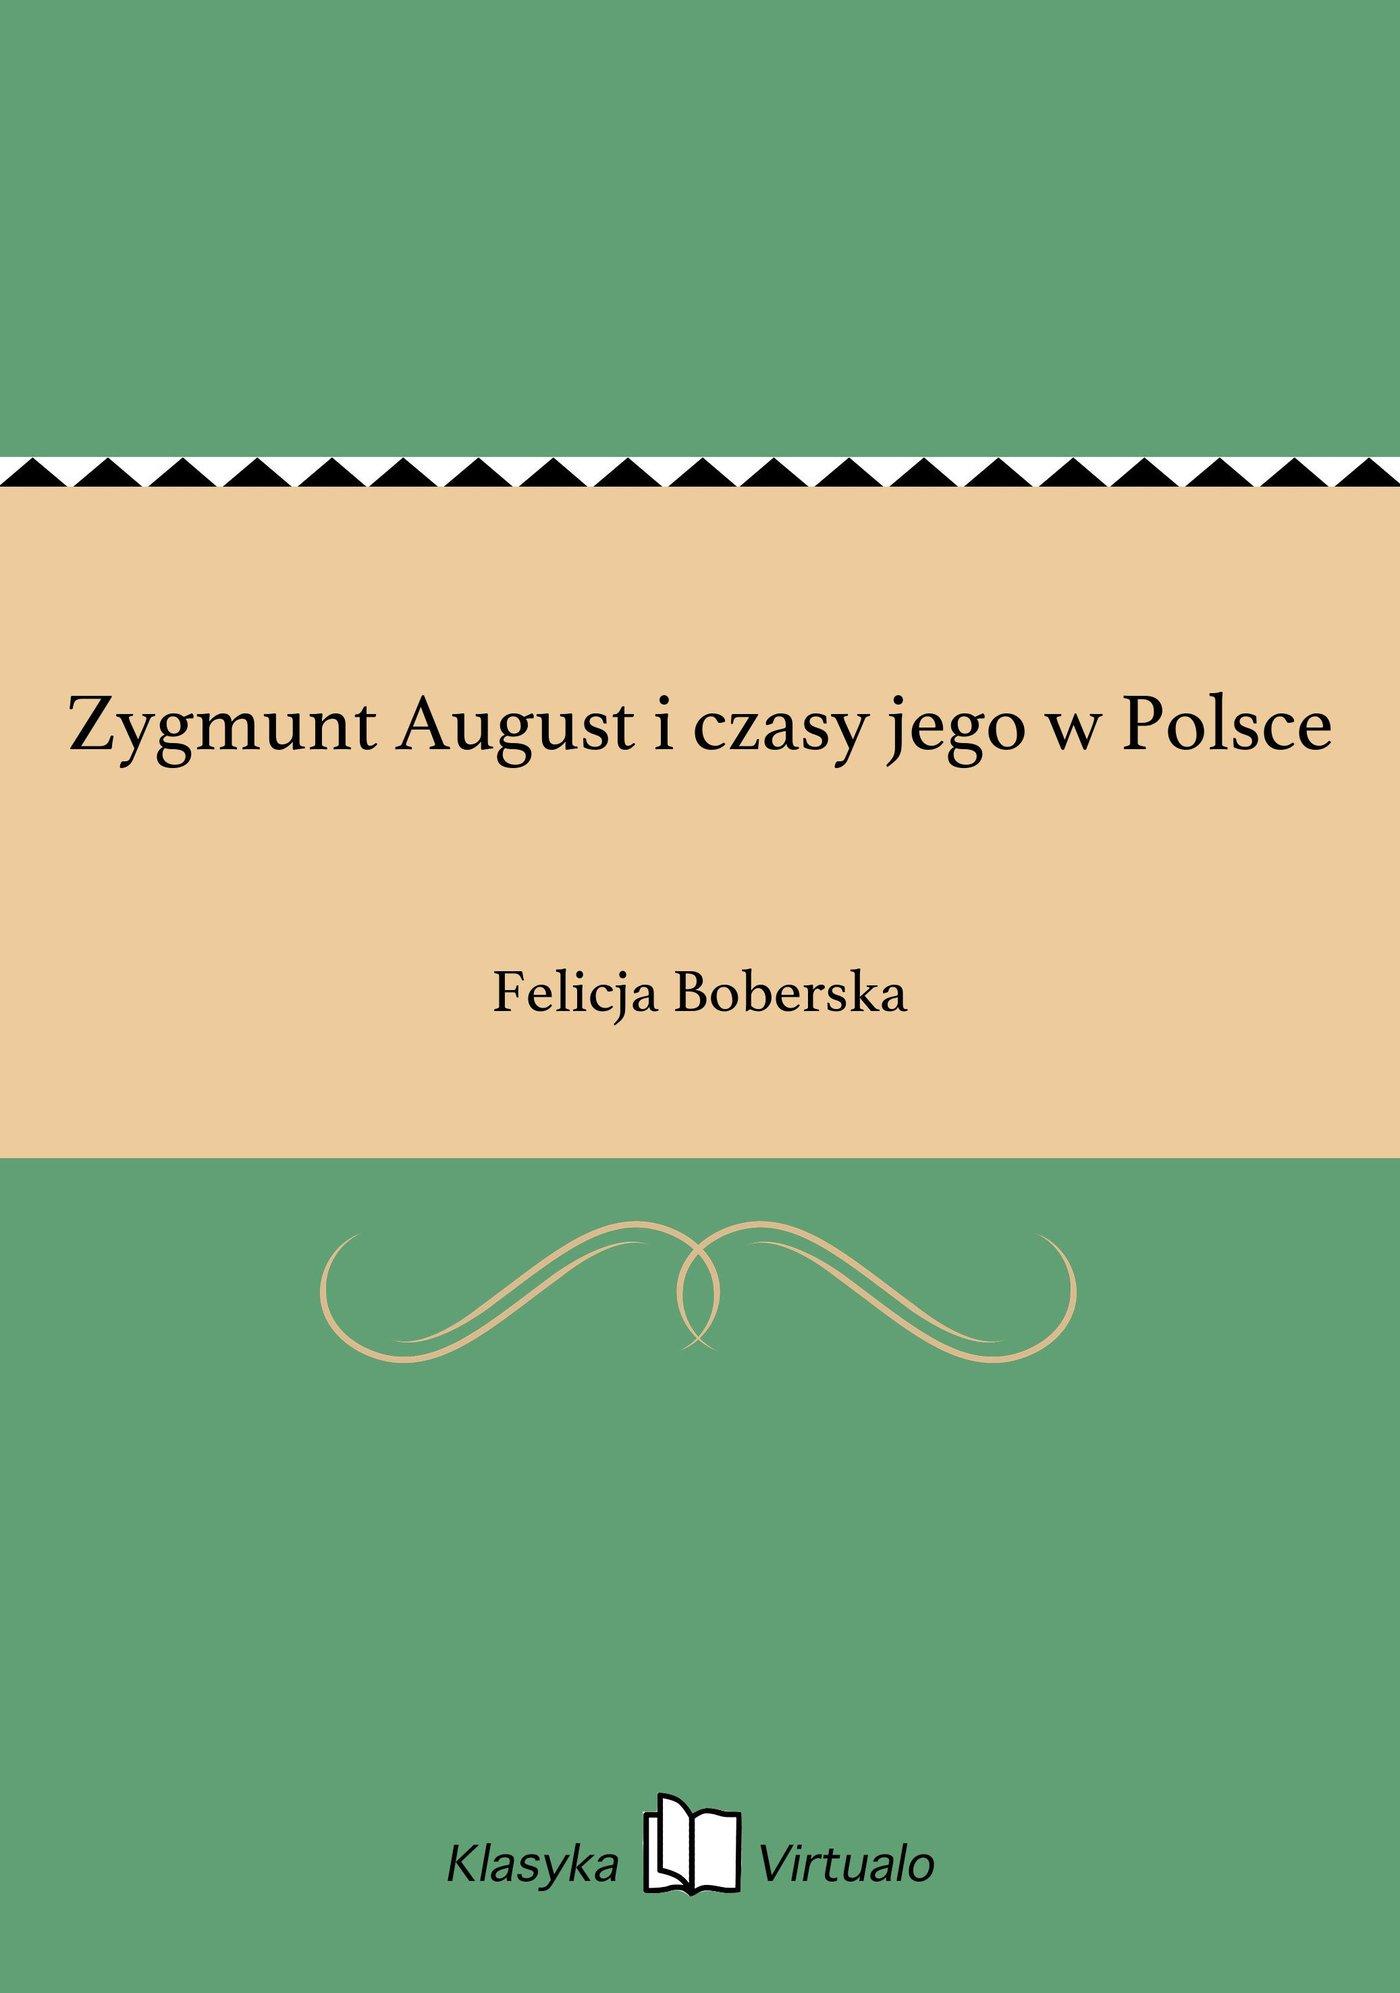 Zygmunt August i czasy jego w Polsce - Ebook (Książka na Kindle) do pobrania w formacie MOBI